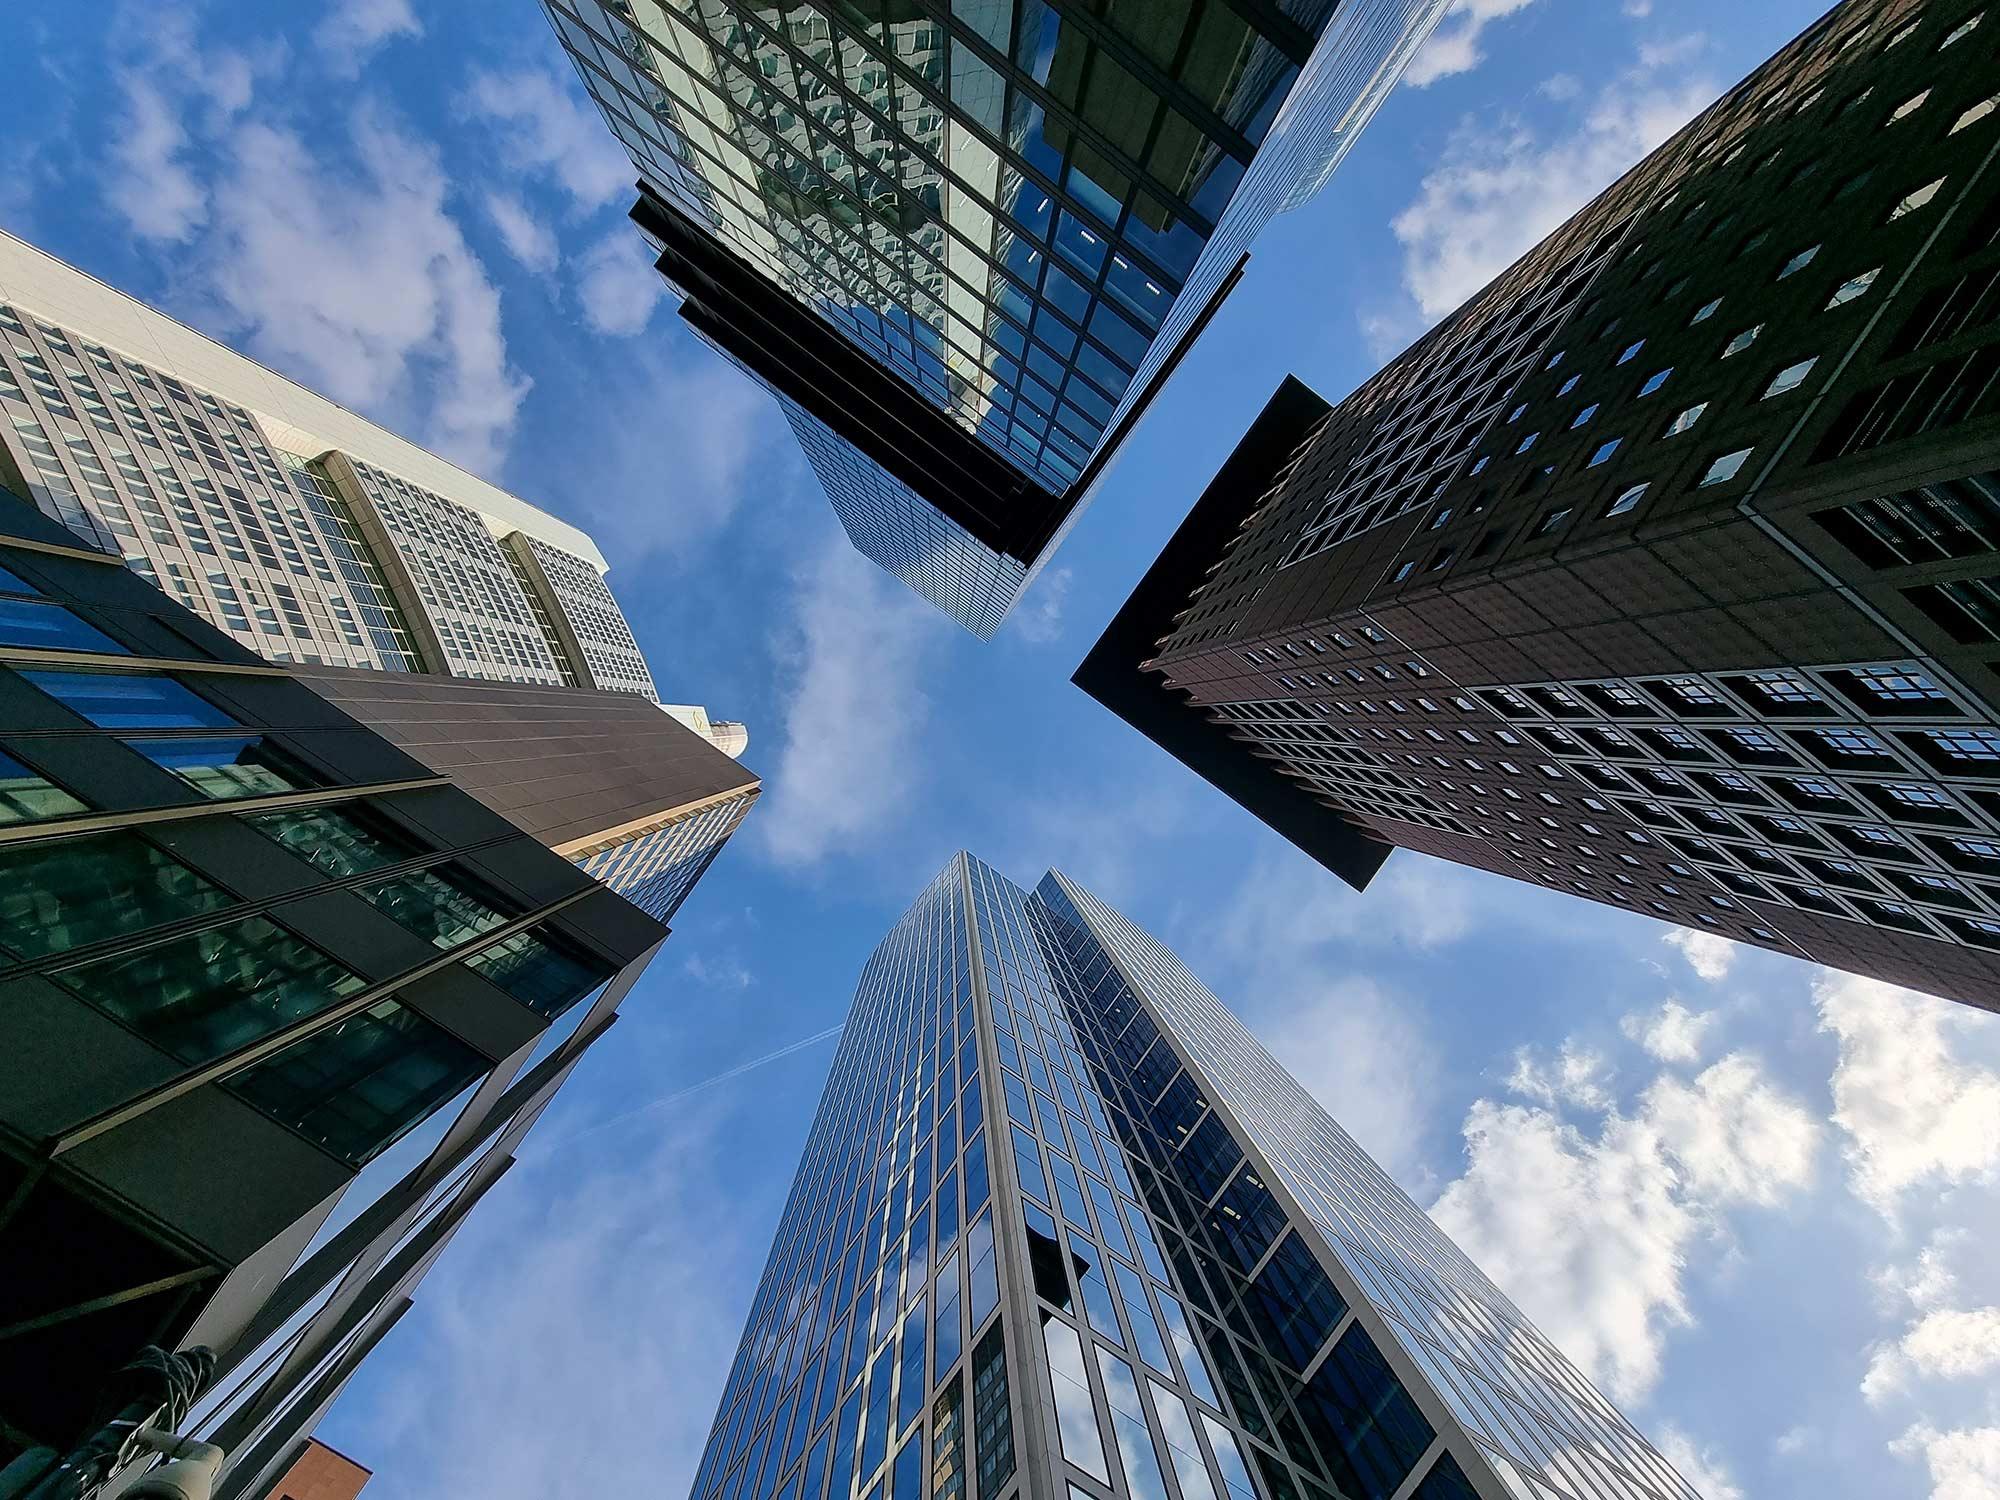 Gebäudeautomation Hochhäuser - Wolkenkratzer Frankfurt - Gebäudeautomatisierung in Frankfurt am Main und Deutschland